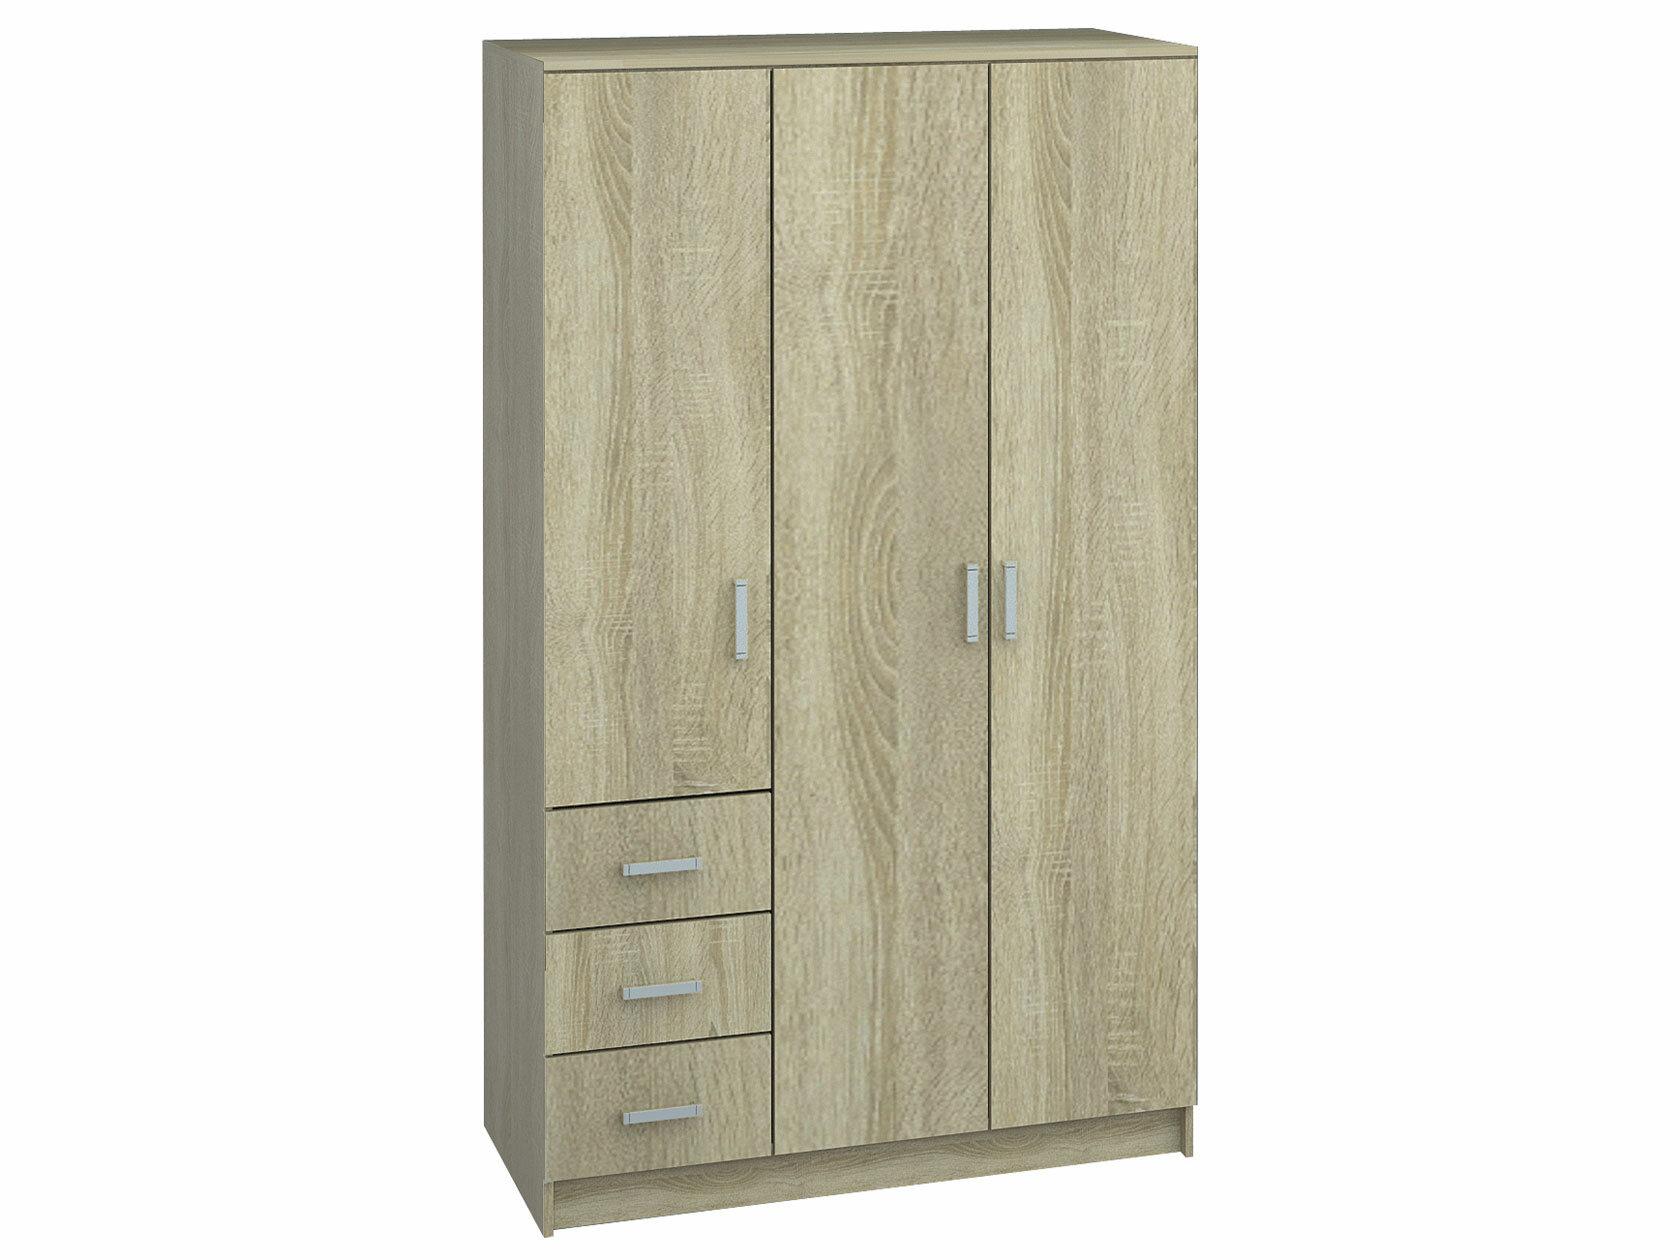 Распашной шкаф НКМ Лофт шкаф 3-х дв. с ящиками Светлое дерево